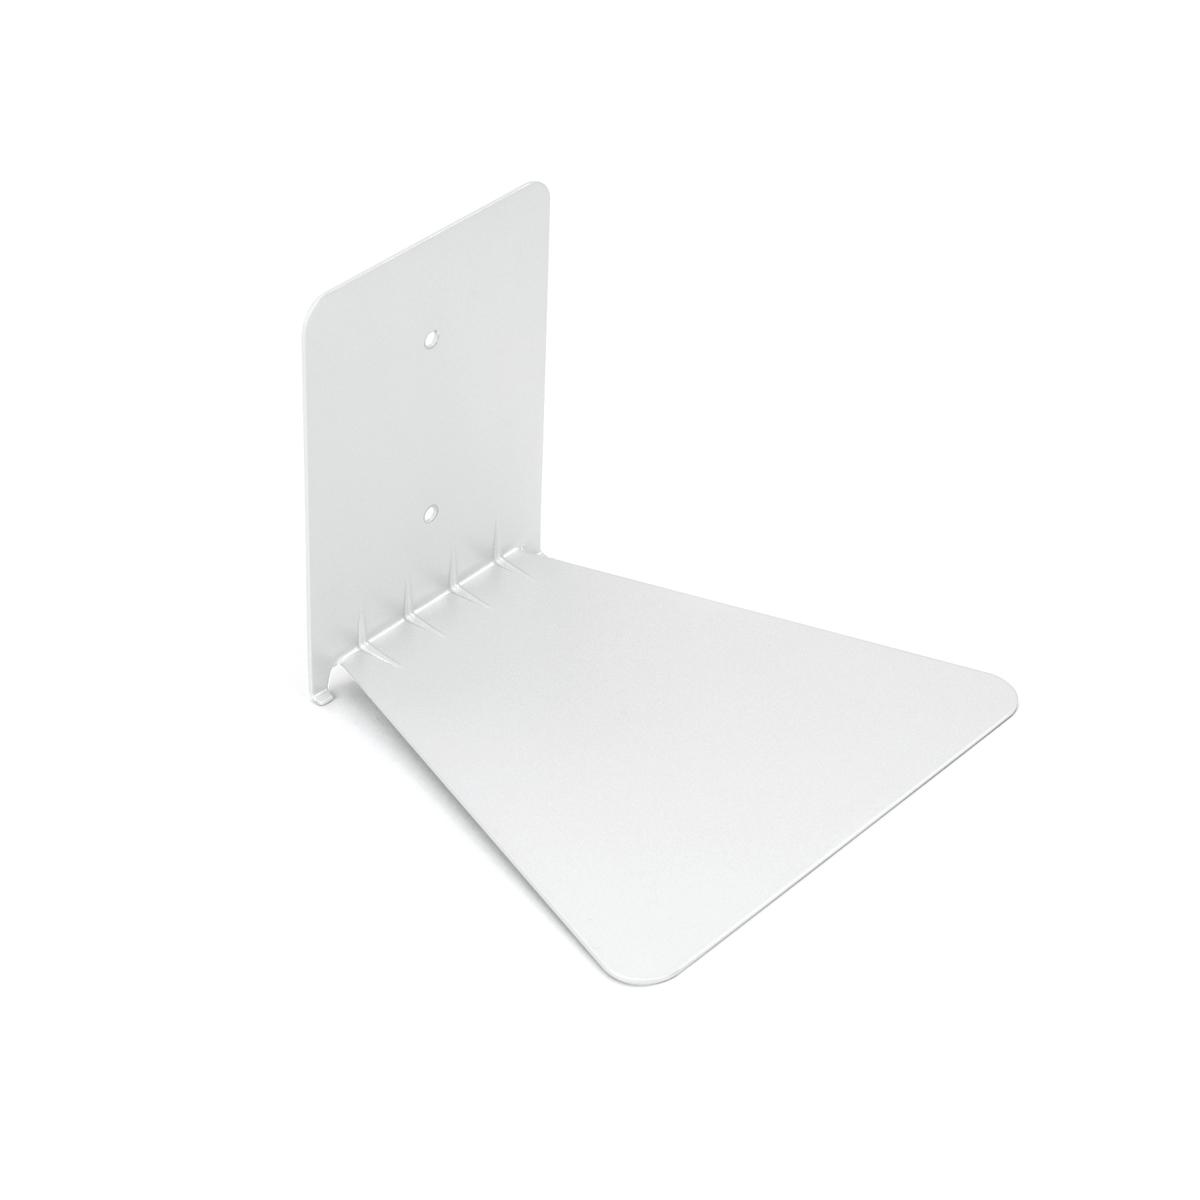 Полка книжная Umbra Conceal, цвет: белый, большая80621Оригинальная книжная полка Umbra Conceal выполнена из стали. Полка легко крепится к стене, все необходимые детали входят в комплект. Размеры: 14 x 17,8 x 16,5 см